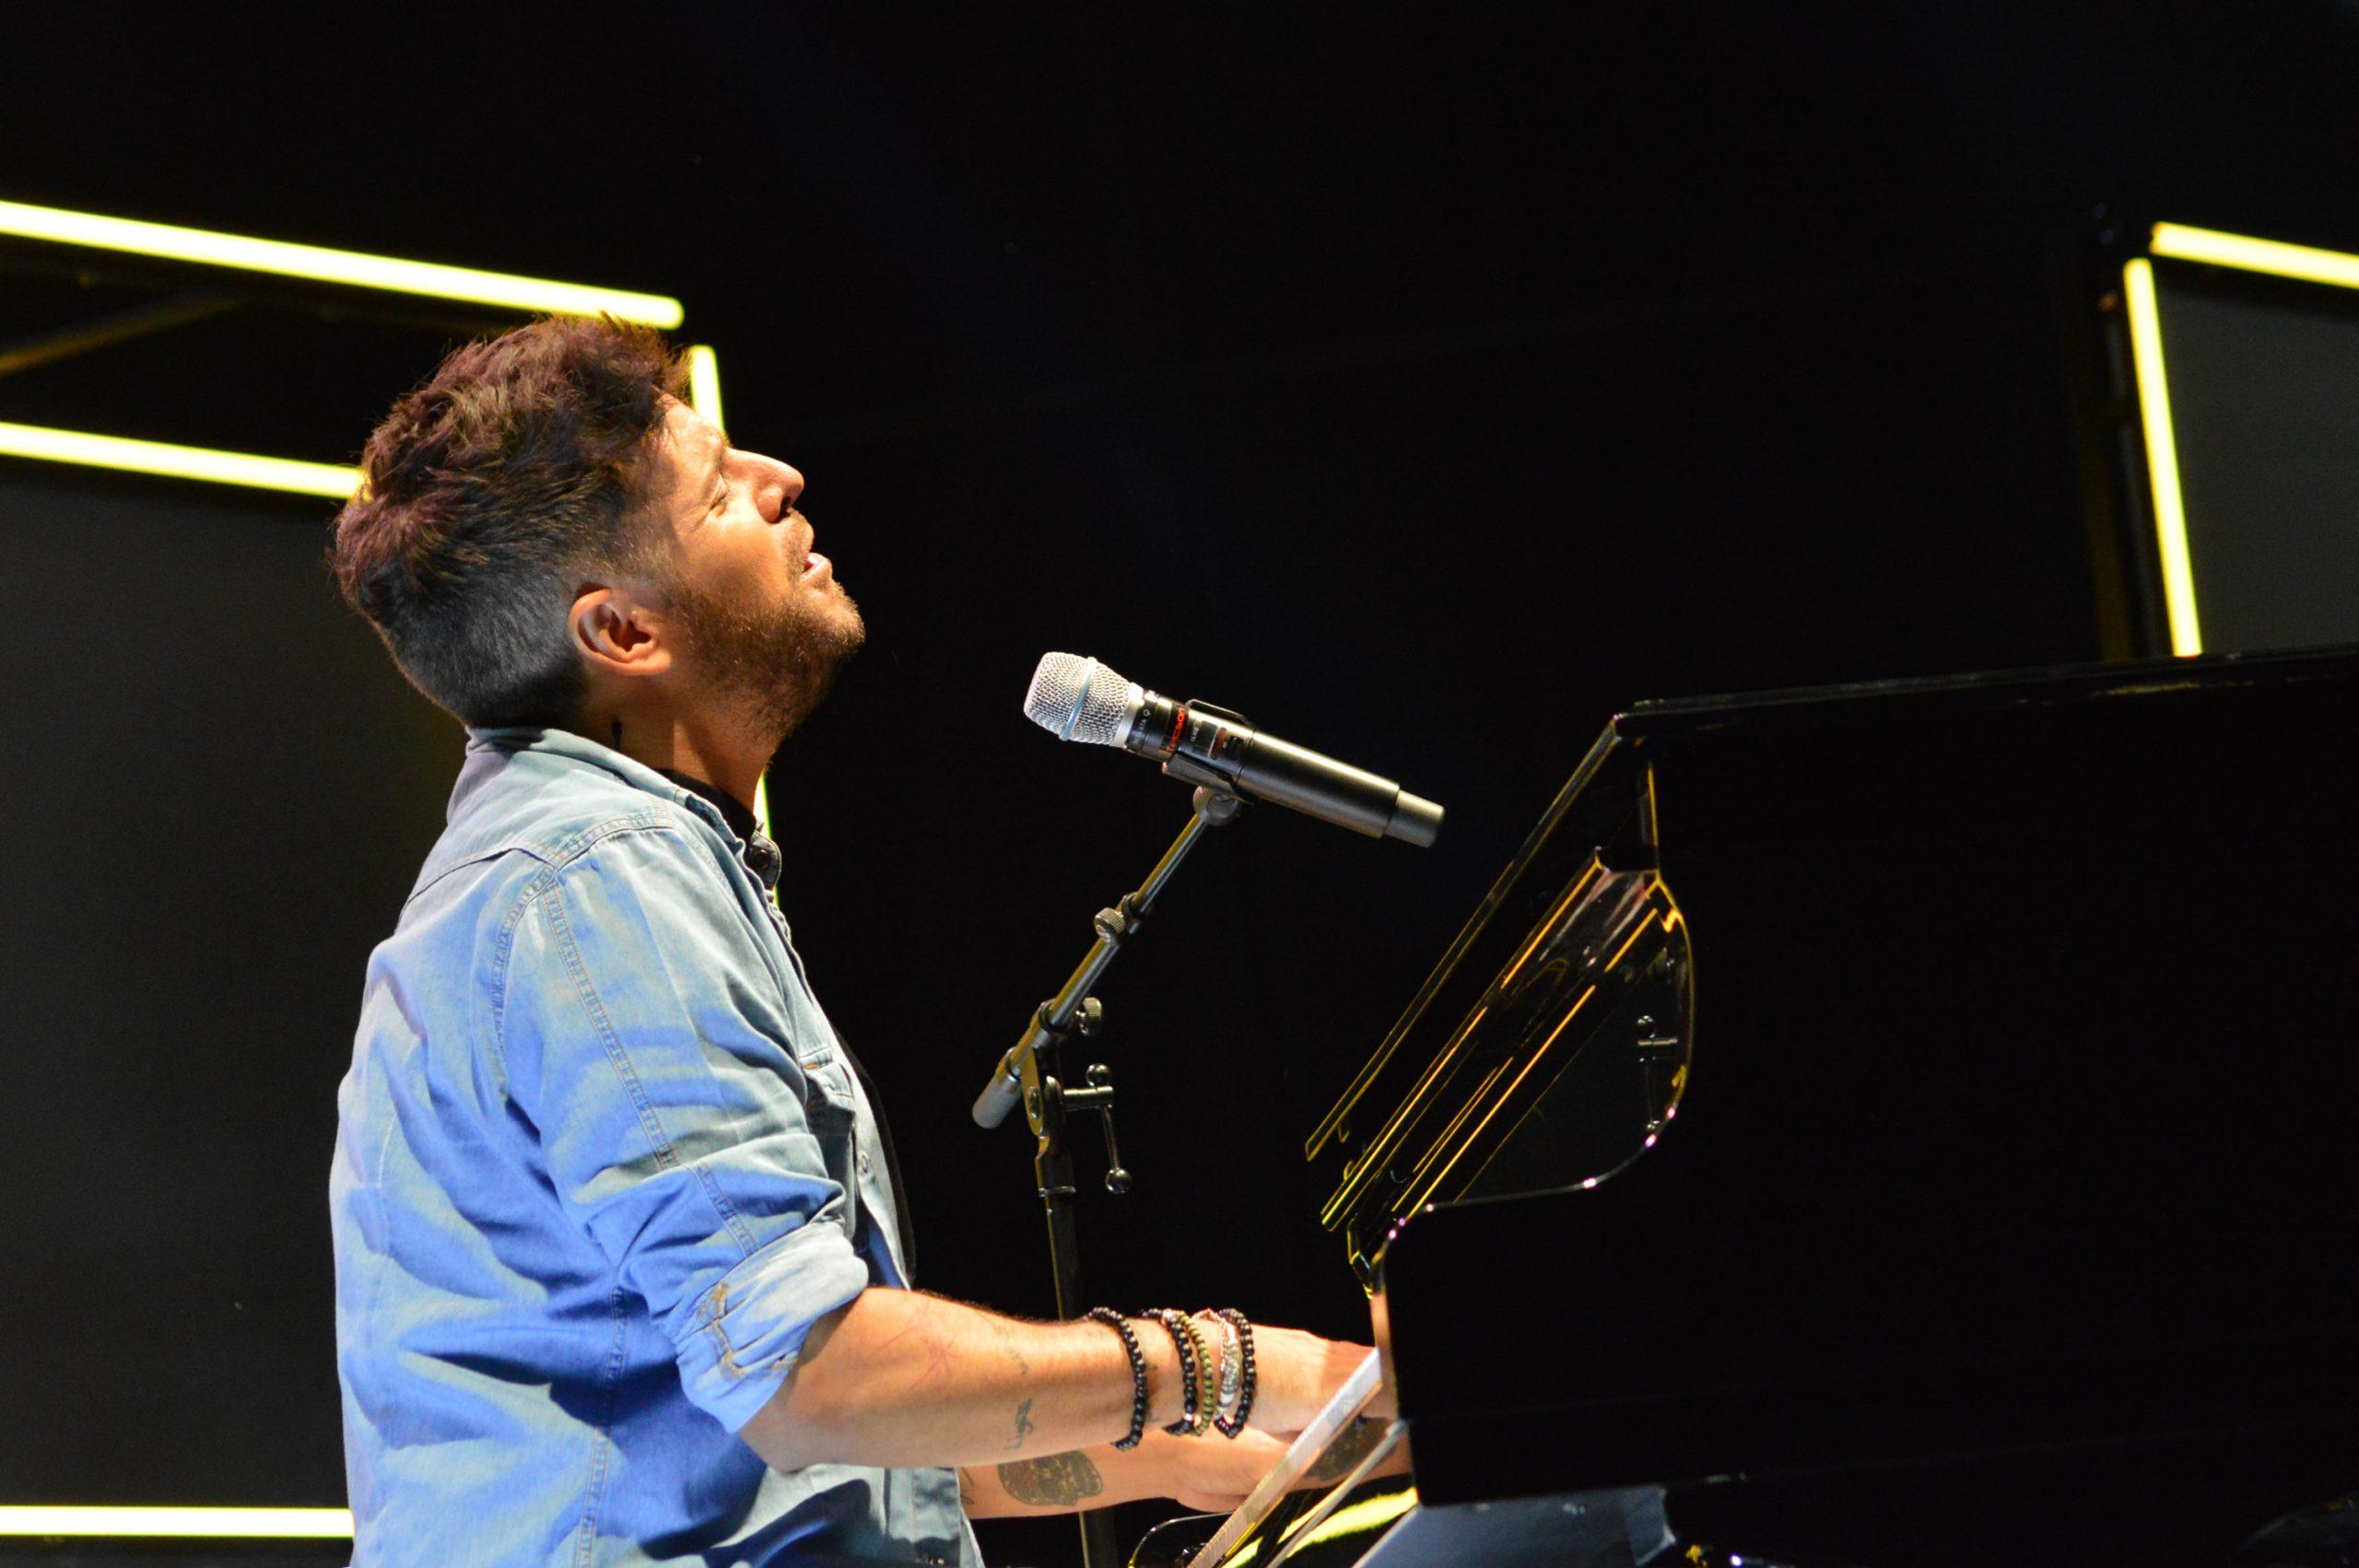 La gira 'López, piano y voz' de Pablo López pone el broche final a las fiestas de la Encina que nunca hubiéramos querido vivir 7